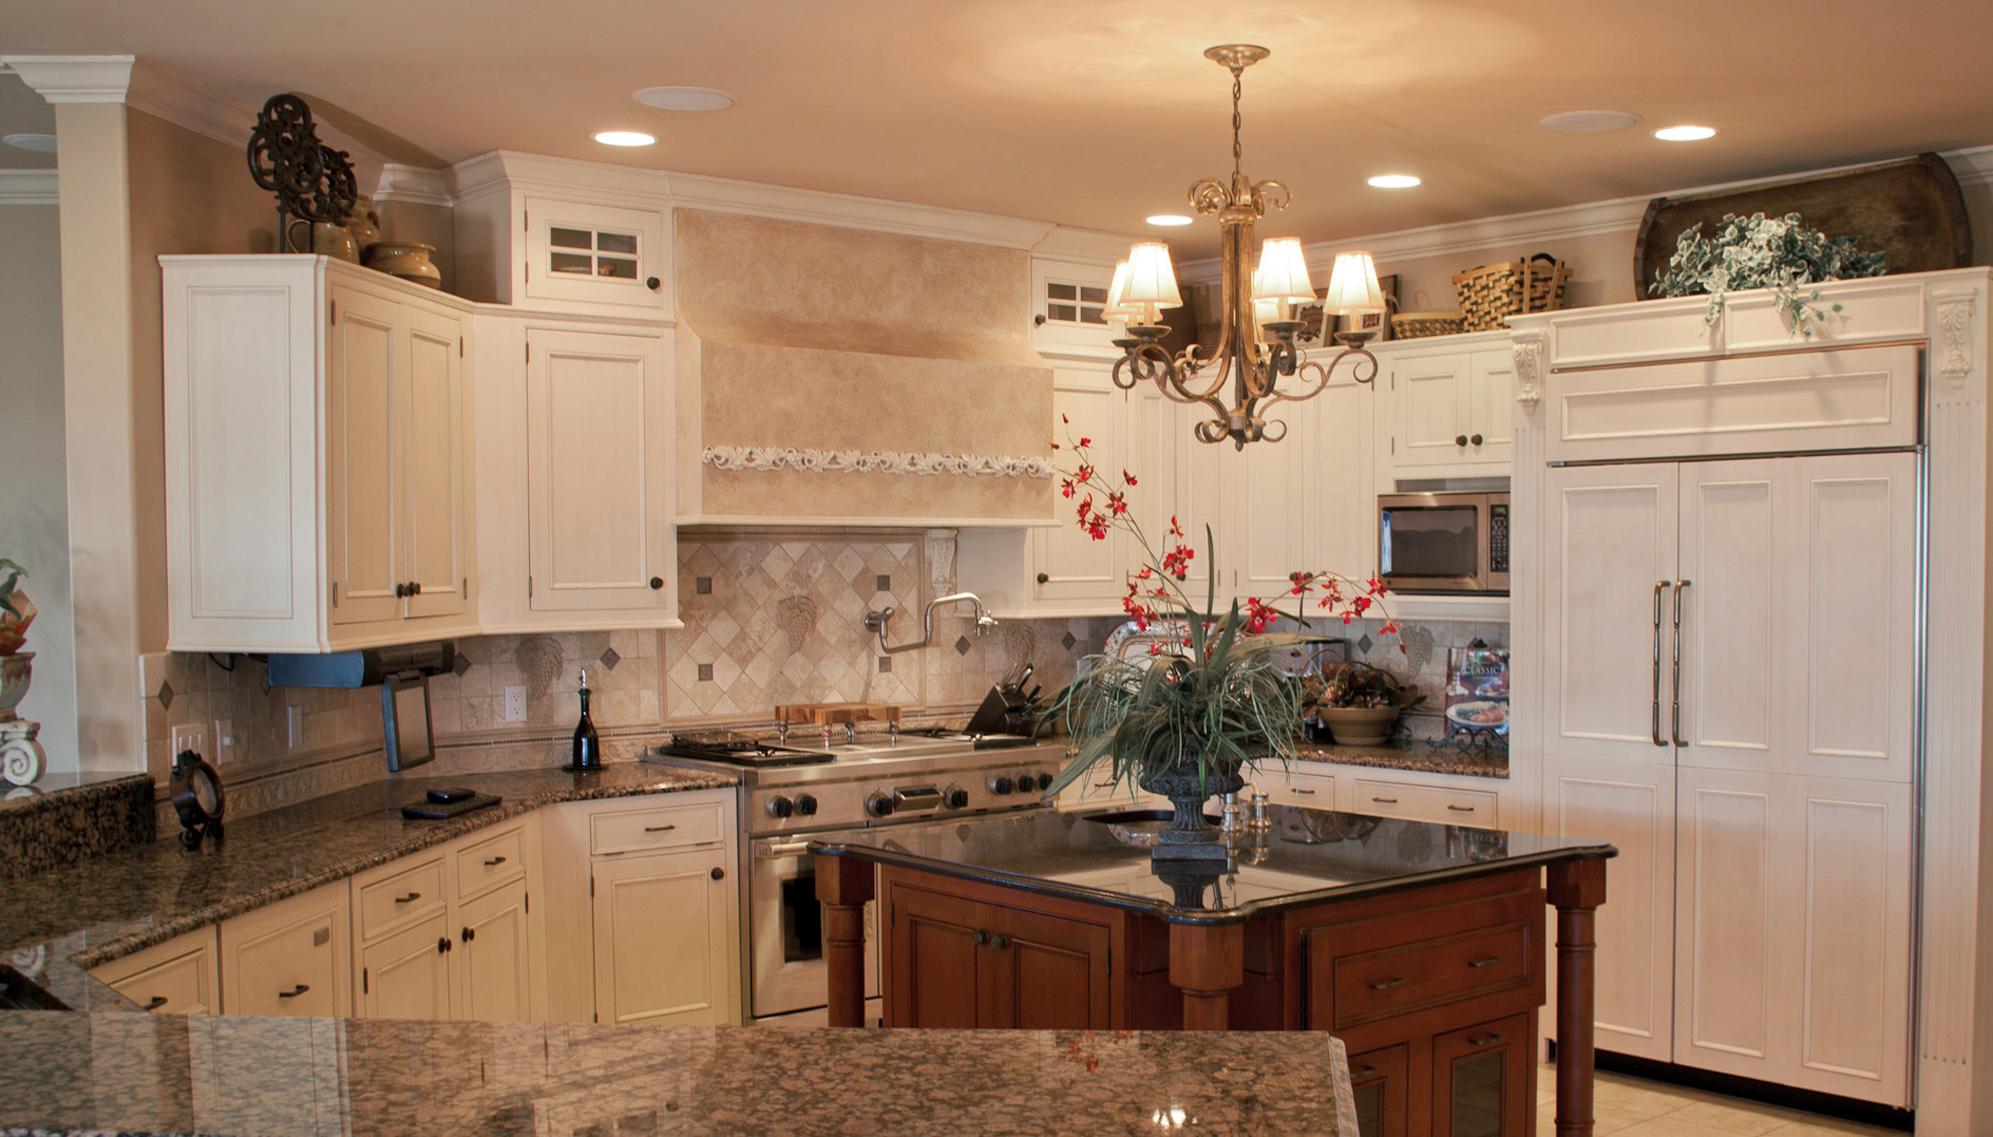 Single family kitchen